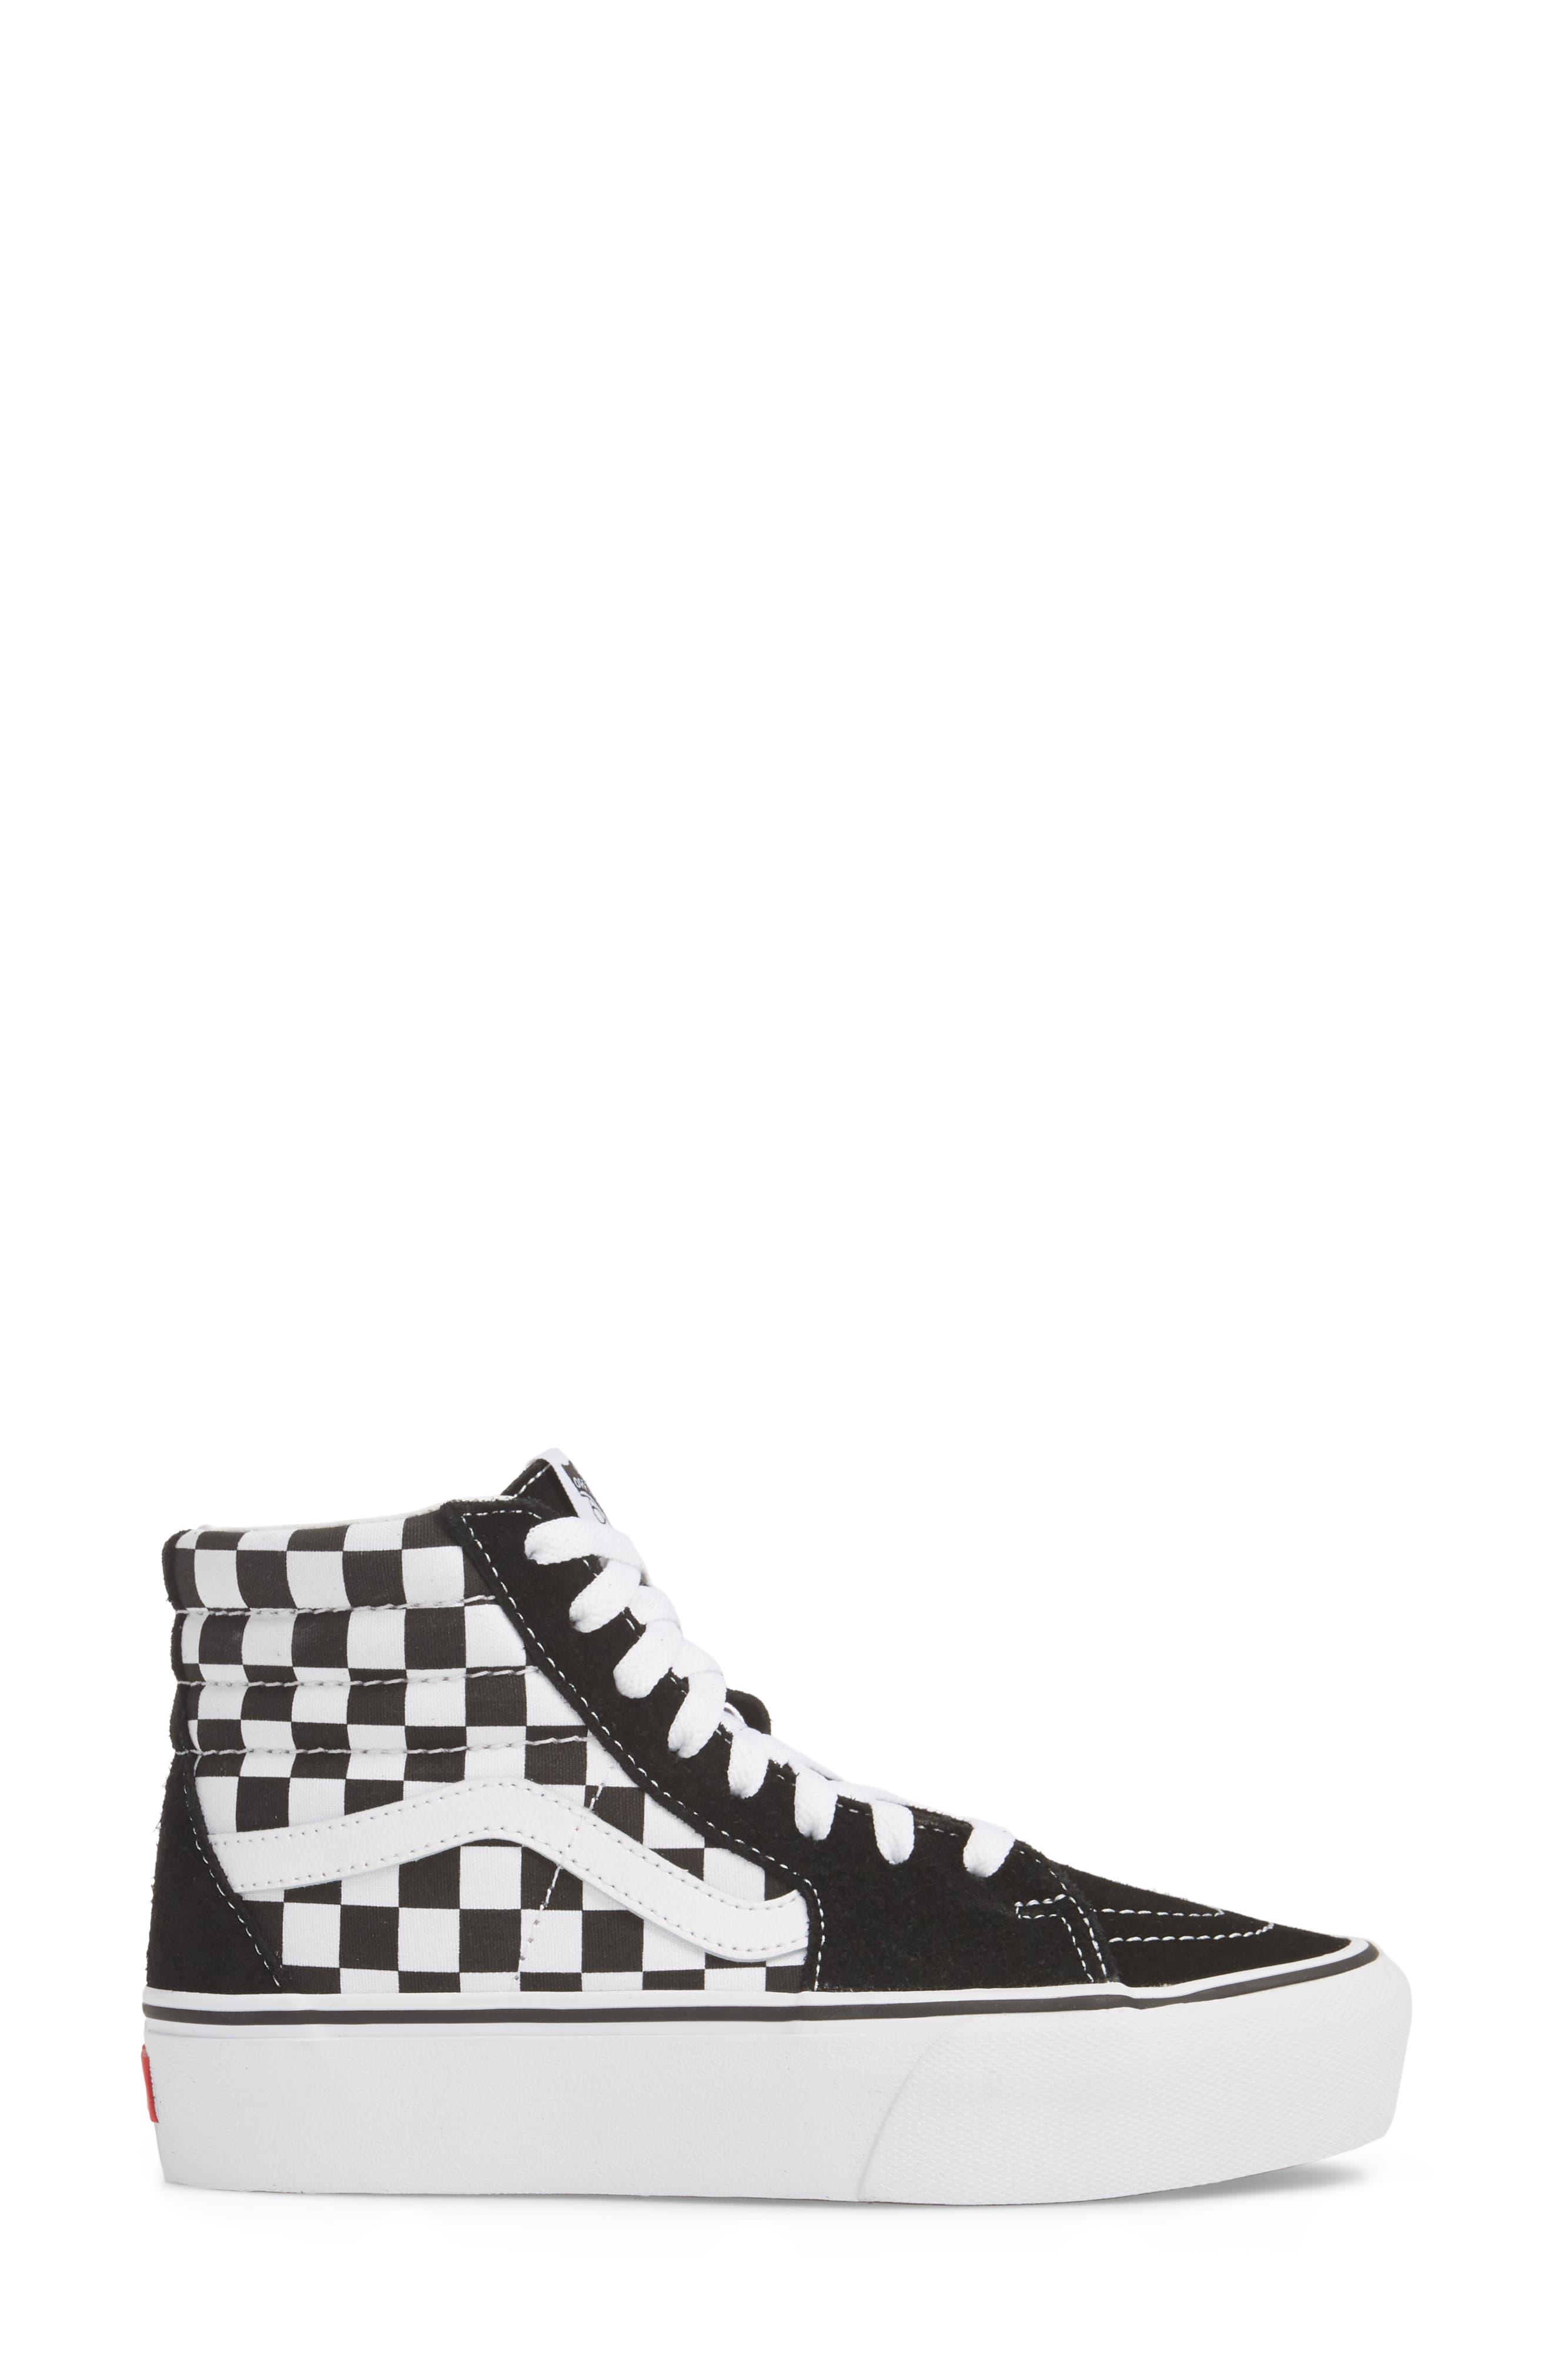 UA Sk8-Hi Platform Checkerboard Sneaker,                             Alternate thumbnail 3, color,                             CHECKER BOARD/ TRUE WHITE